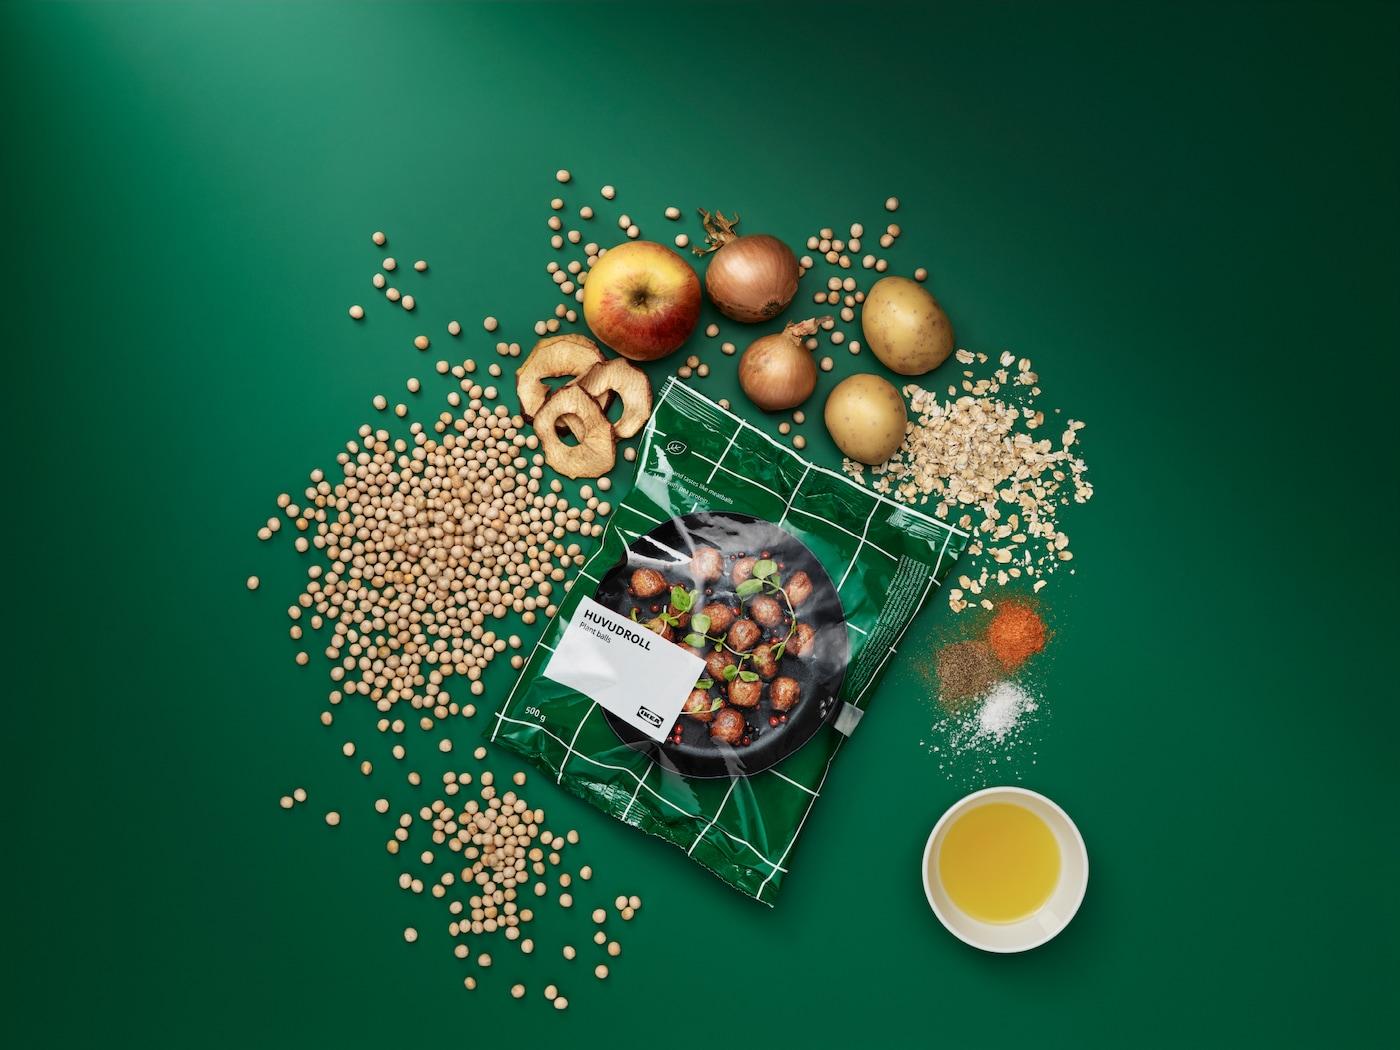 Confezione di Polpette VegeTali e Quali HUVUDROLL circondata dagli ingredienti delle polpette: piselli, avena, patate, cipolle, mele e spezie.